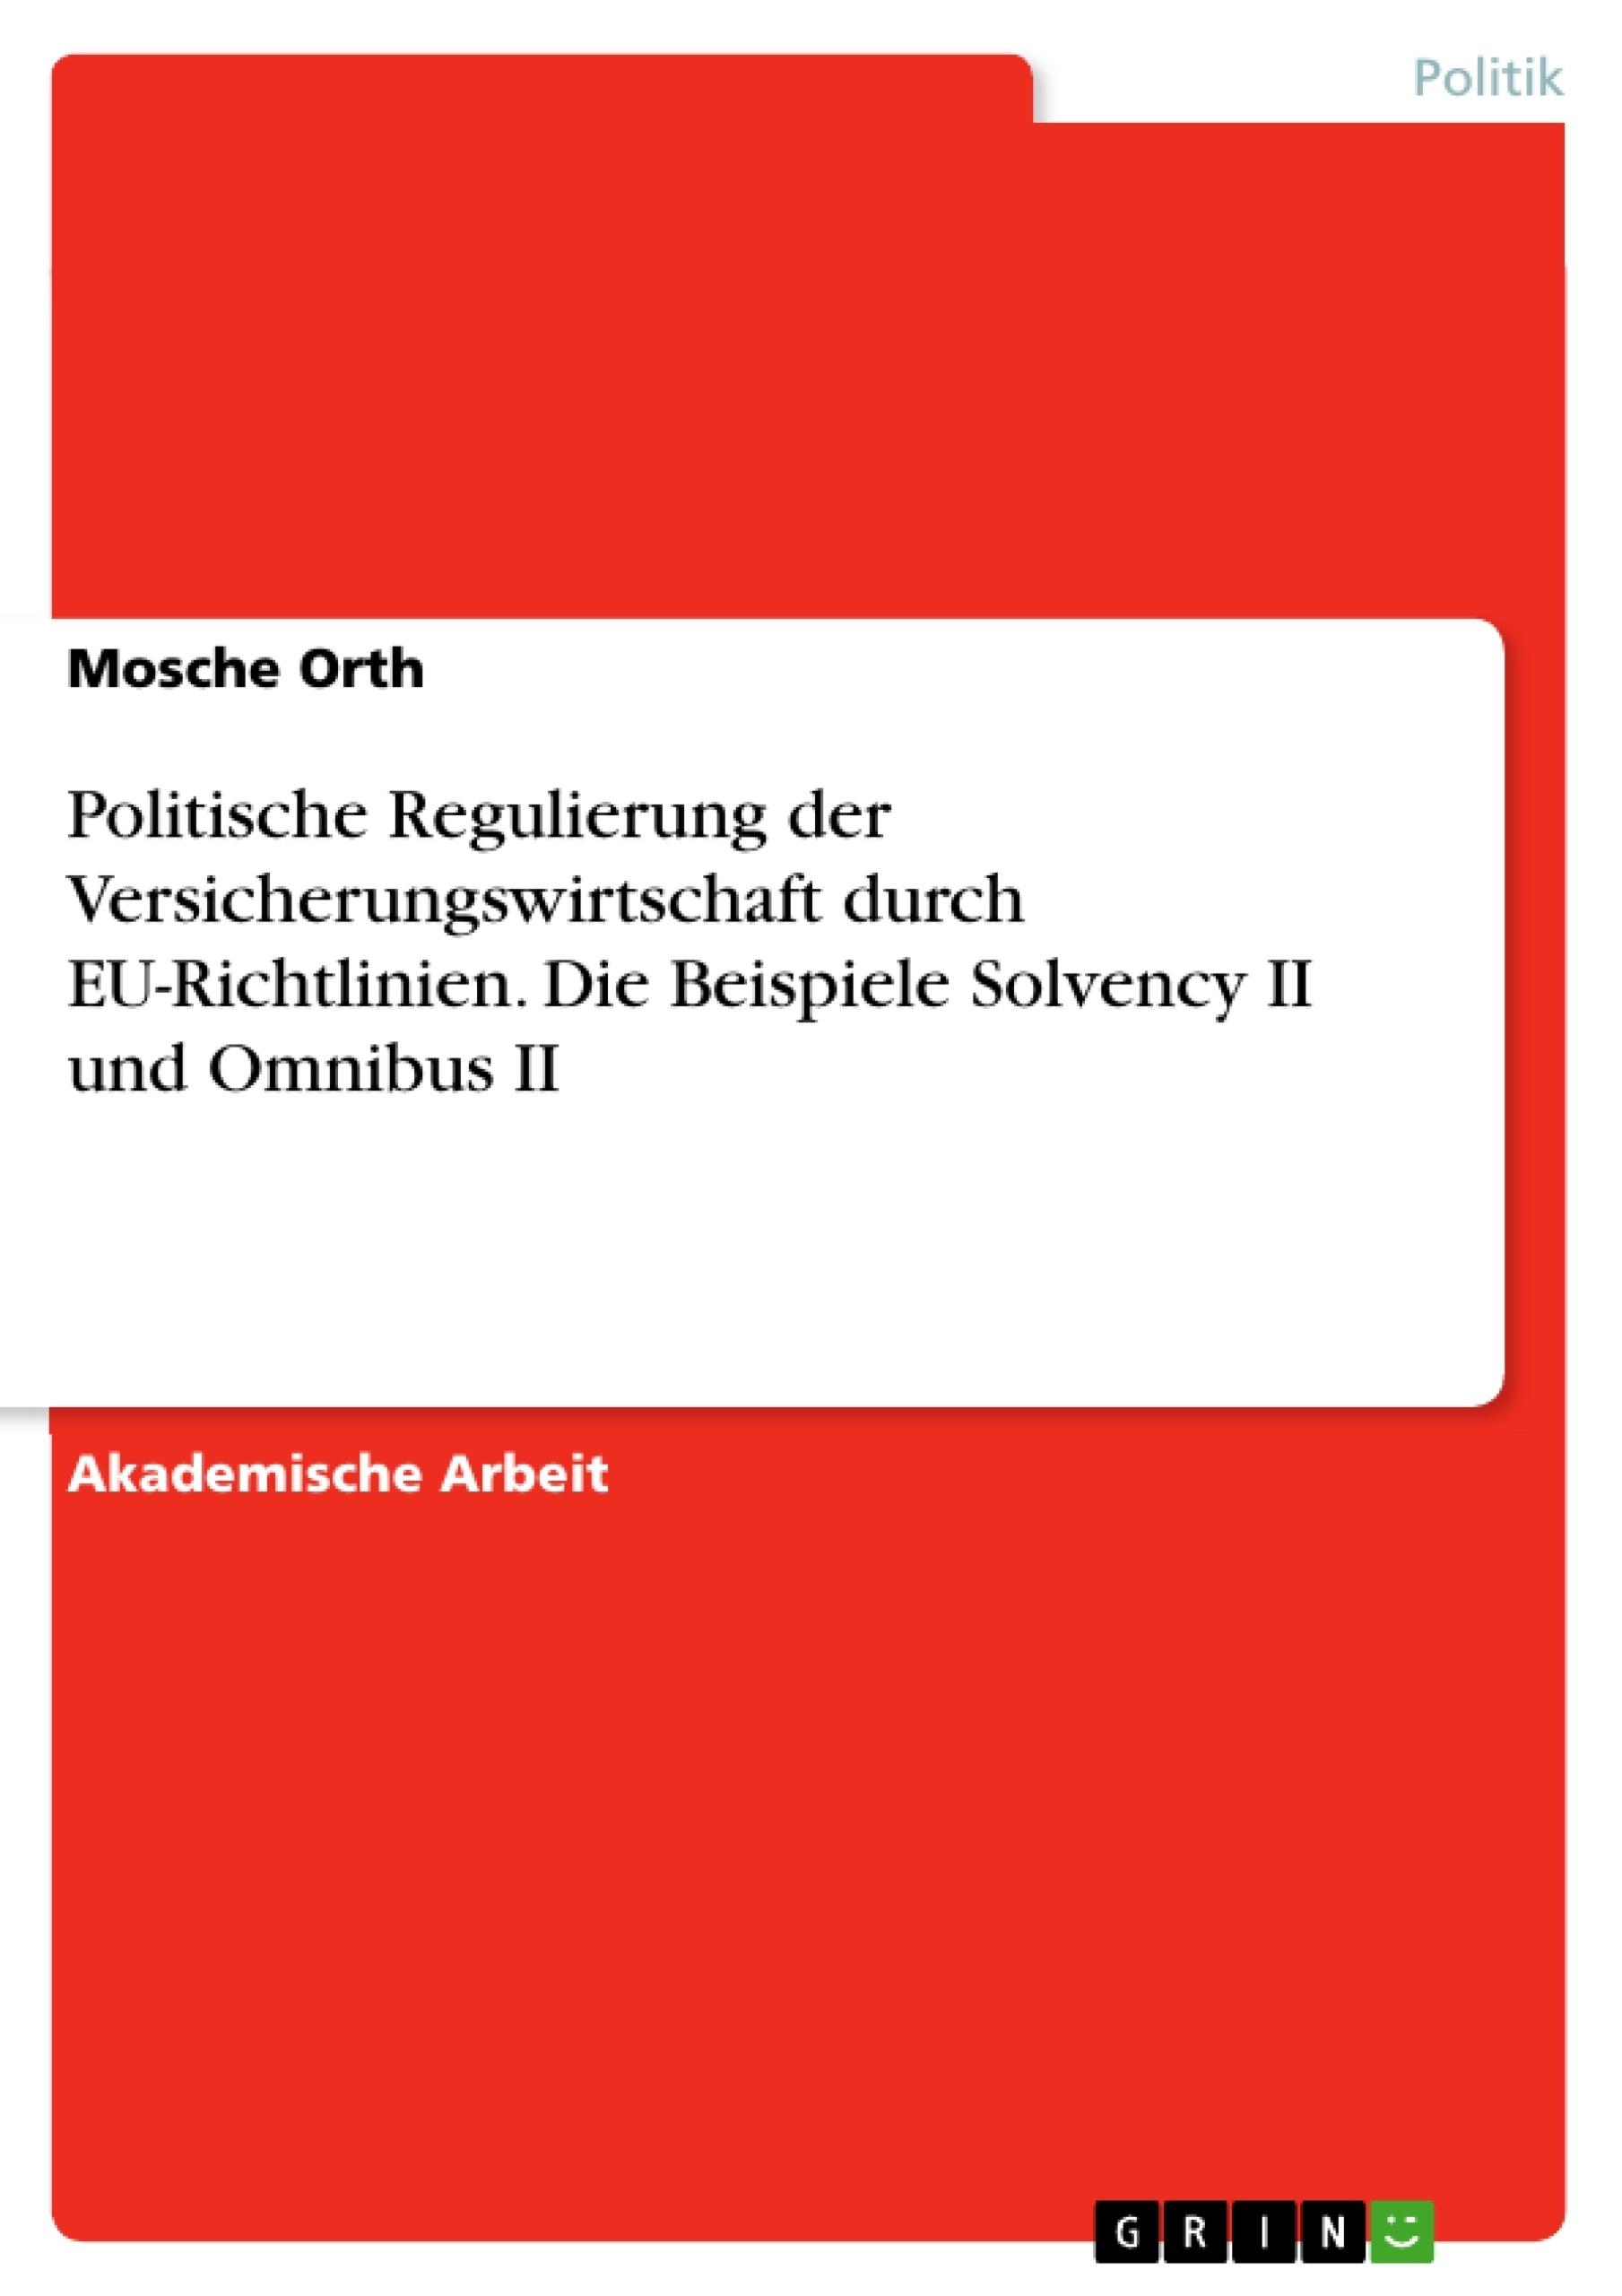 Titel: Politische Regulierung der Versicherungswirtschaft durch EU-Richtlinien. Die Beispiele Solvency II und Omnibus II